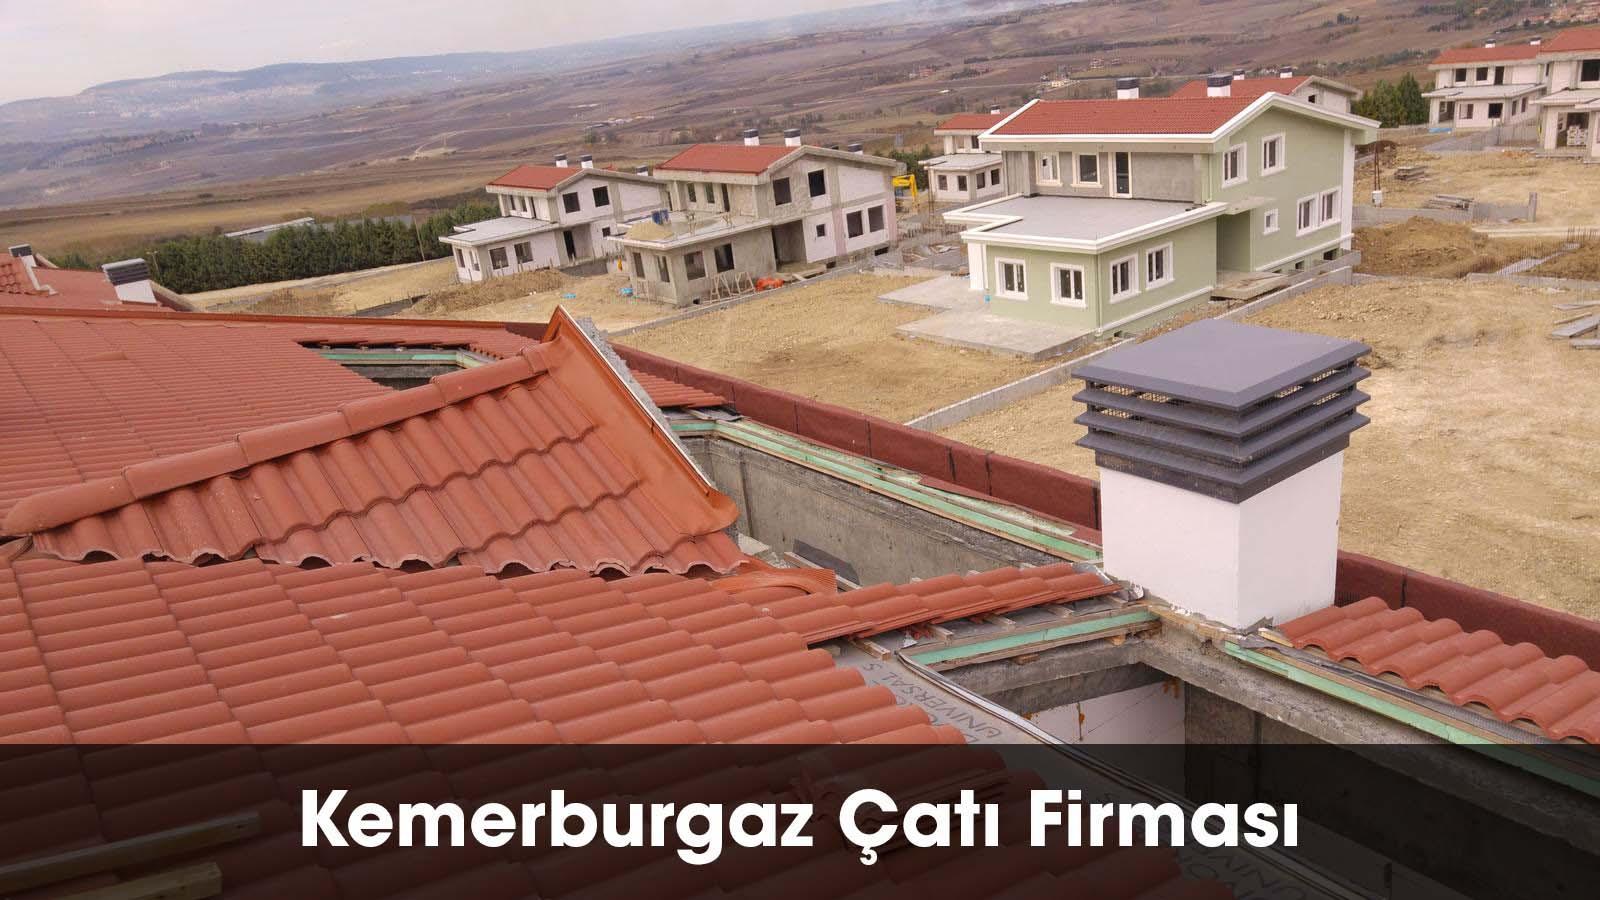 Kemerburgaz çatı firması